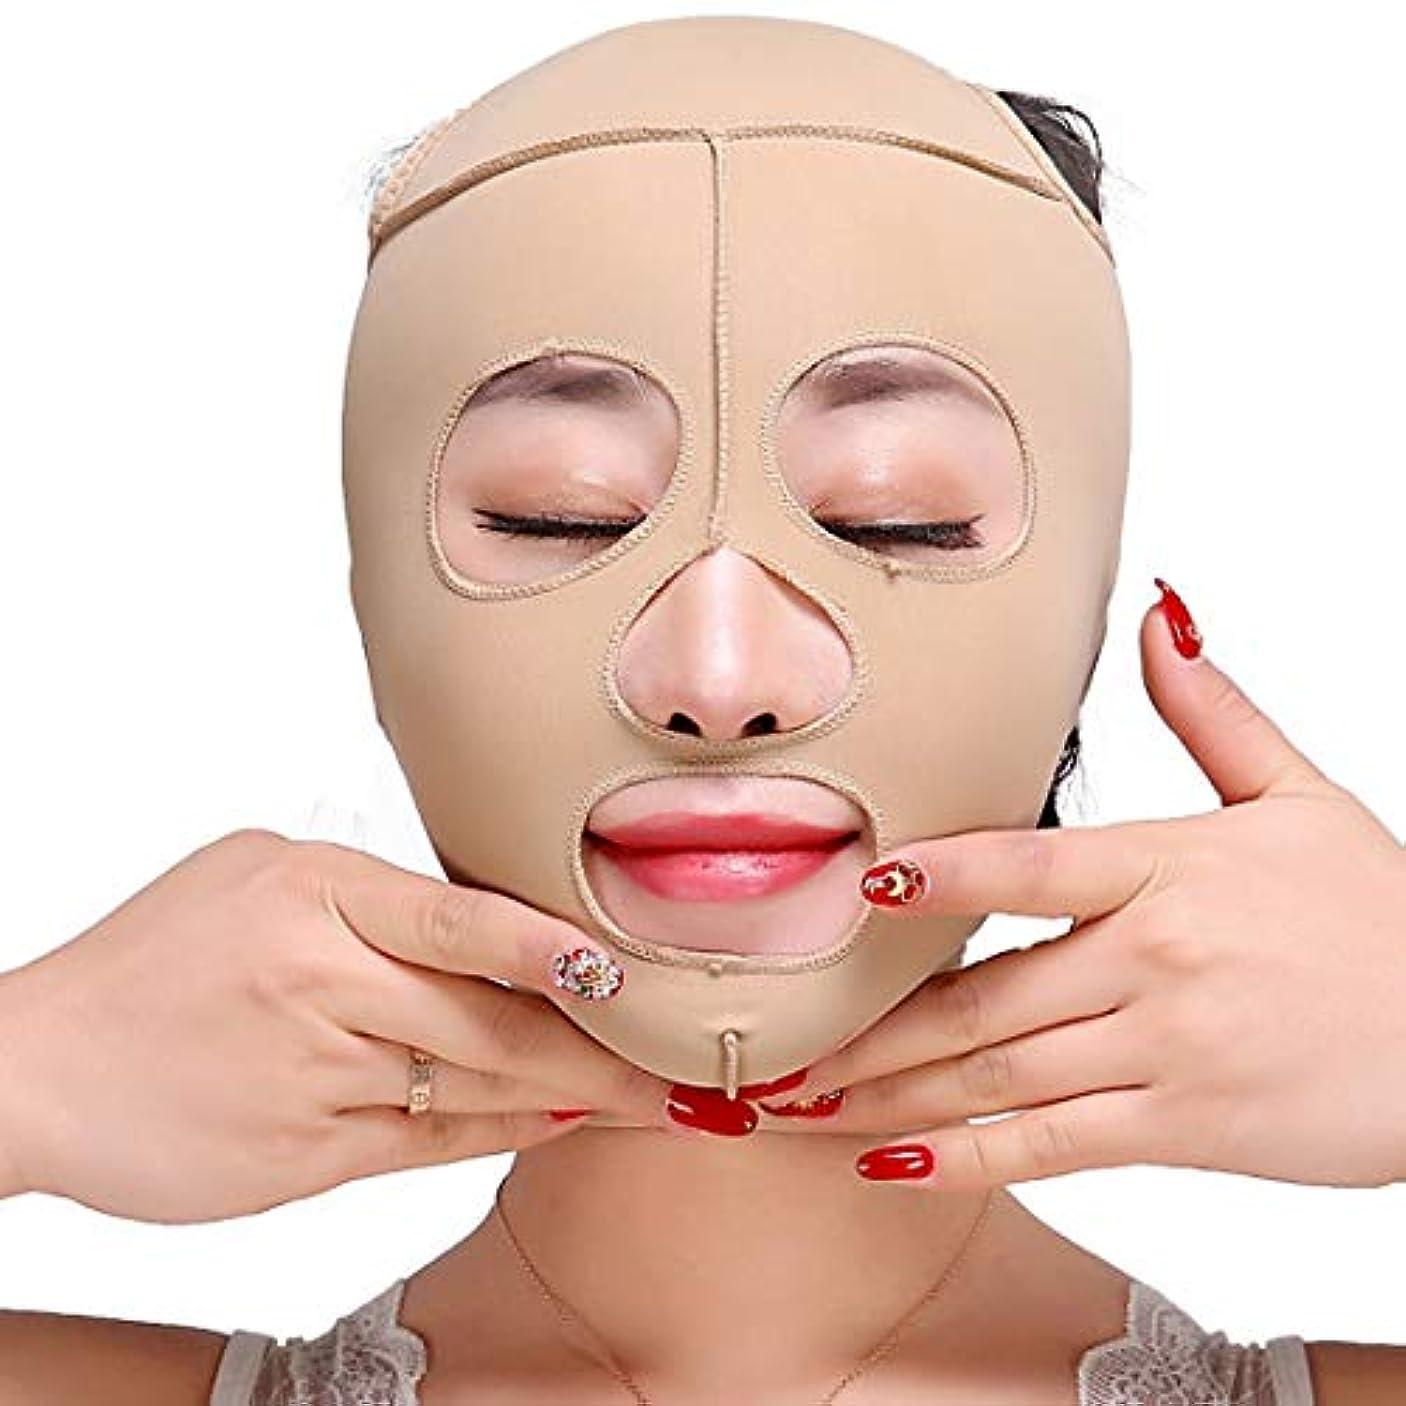 ワーディアンケース競争力のあるトラブルZWBD フェイスマスク, フェイスリフティング包帯Vフェイスリフティングと締め付けフェイスリフティングマスクラインカービングヘッドカバー術後回復顔整形包帯